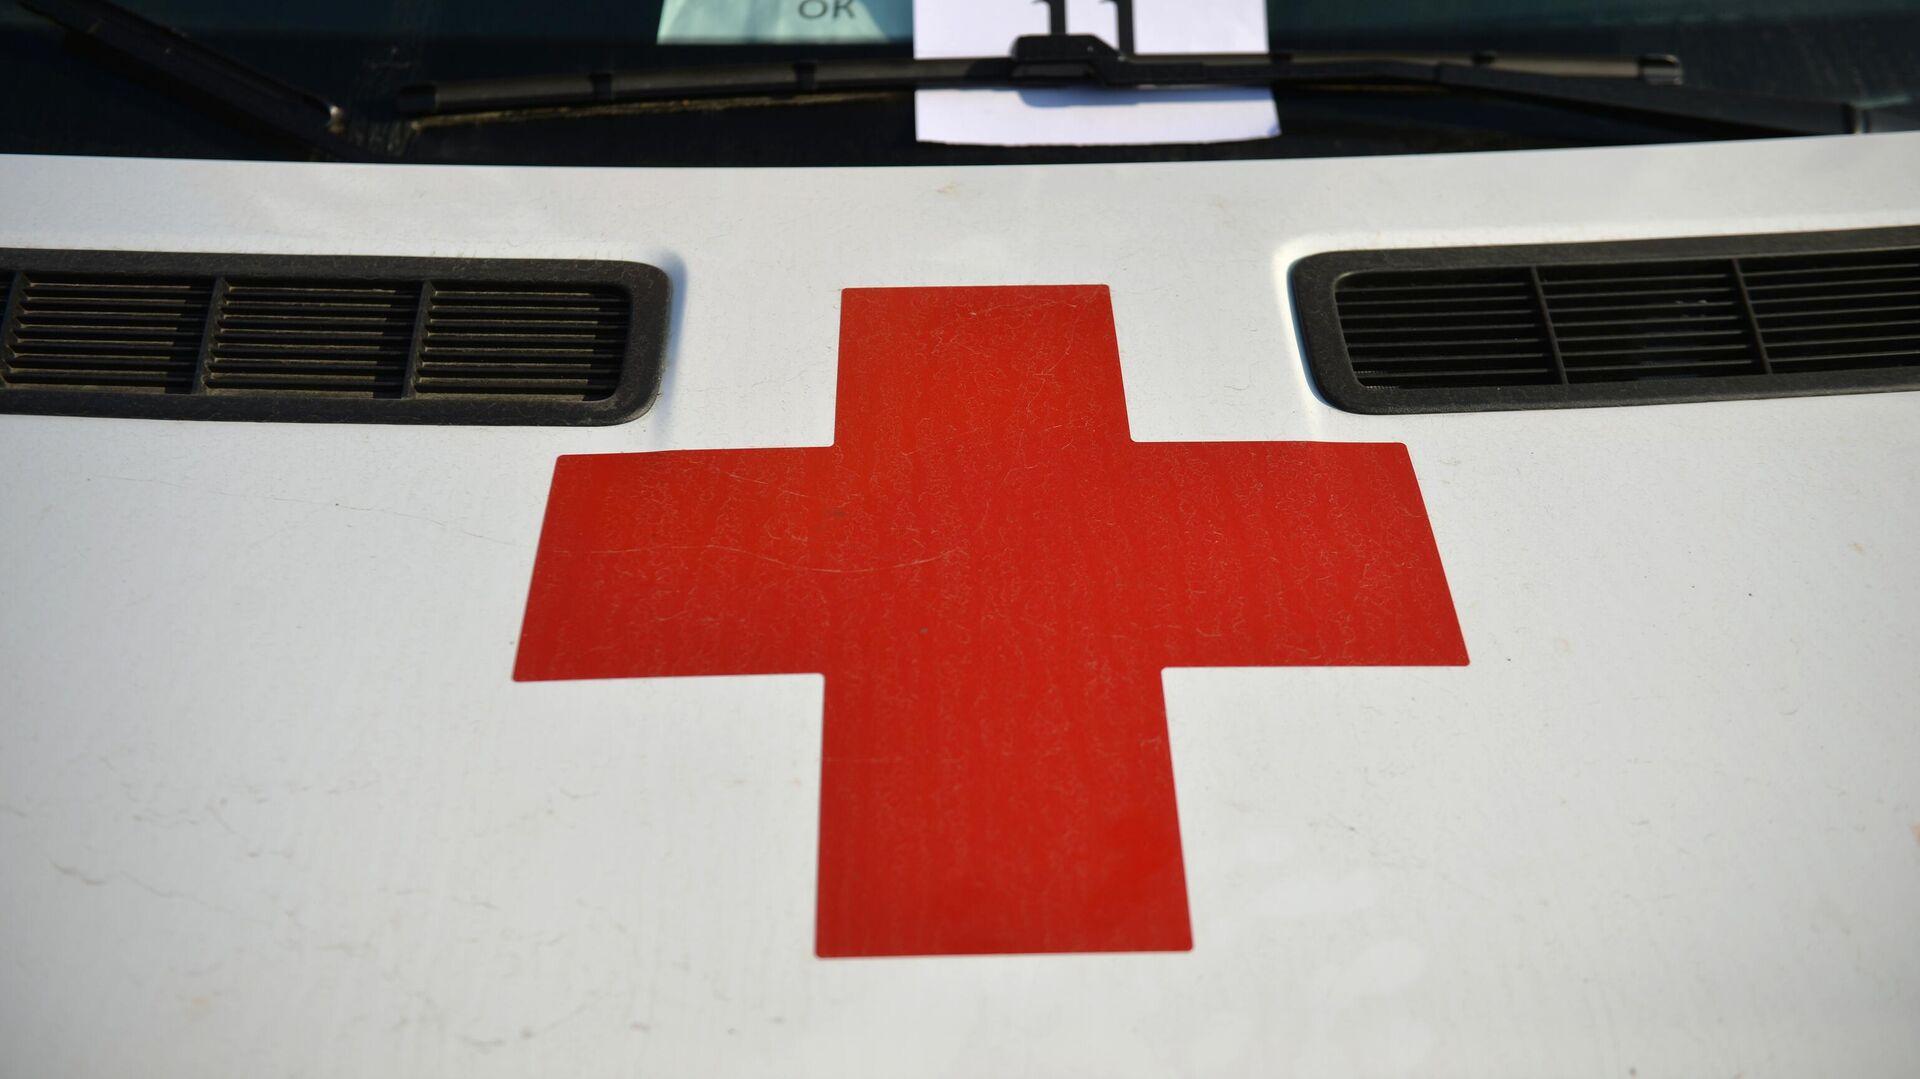 Красный крест на автомобиле скорой медицинской помощи в Свердловской области - РИА Новости, 1920, 29.11.2020